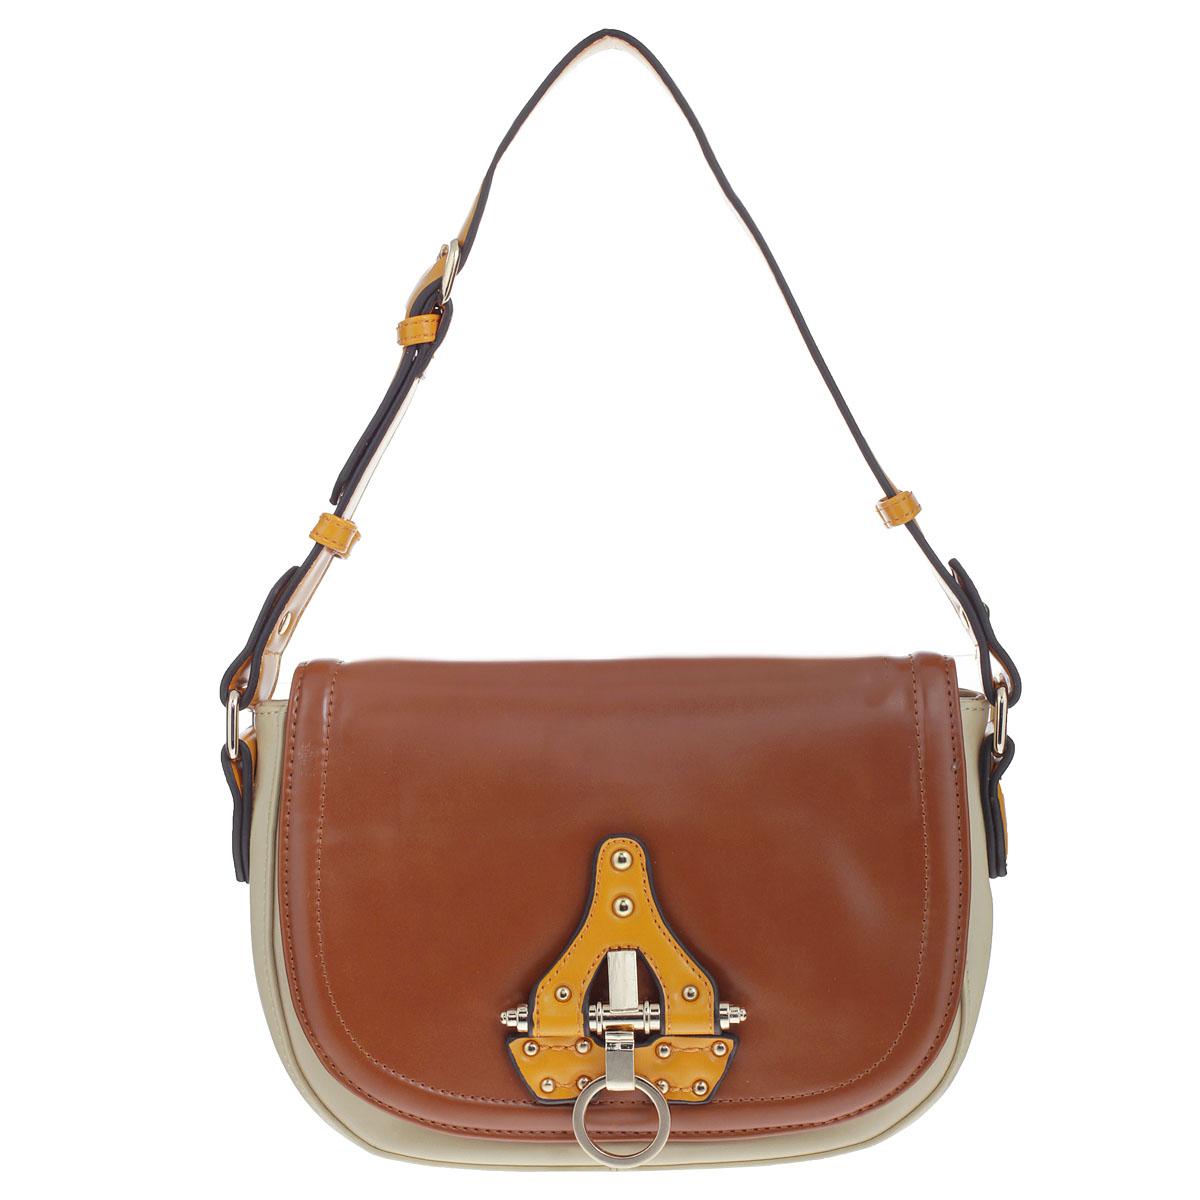 Сумка женская Orsa Oro, цвет: золотисто-коричневый, бежевый, оранжевый. DK-320/44DK-320/44 фьюжн золотисто-коричневыйСтильная сумка Orsa Oro изготовлена из высококачественной экокожи в стиле фьюжн. Сумка закрывается на застежку-молнию, а сверху широким клапаном на кнопку-магнит. Сумка оформлена декоративным нашивным элементом из кожи, украшенным клепками и металлическим кольцом, с помощью которого открывается клапан. Сумка имеет одно вместительное отделение, внутри которого два накладных кармашка для мелочей и мобильного телефона, а также вшитый карман на застежке-молнии. На задней стороне сумки расположен вшитый карман на застежке-молнии. Модель оснащена удобным плечевым ремнем регулируемой длины. Сумка - это стильный аксессуар, который подчеркнет вашу изысканность и индивидуальность и сделает ваш образ завершенным.